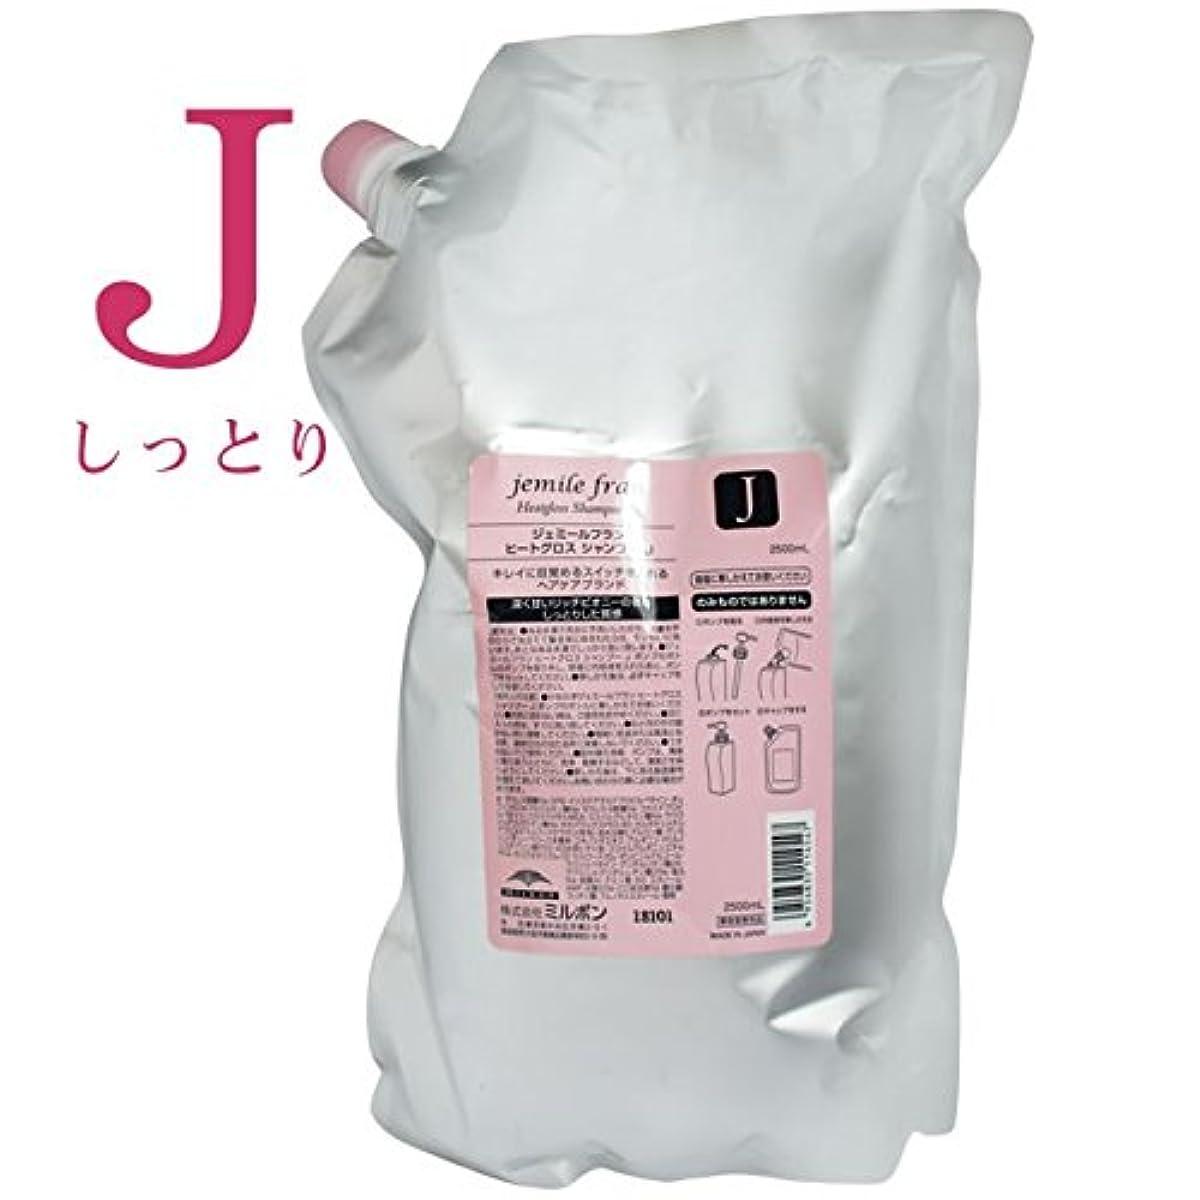 スパイラルダイアクリティカルアレルギー性ミルボン ジェミールフラン ヒートグロス シャンプーJ 2500ml (詰替用)